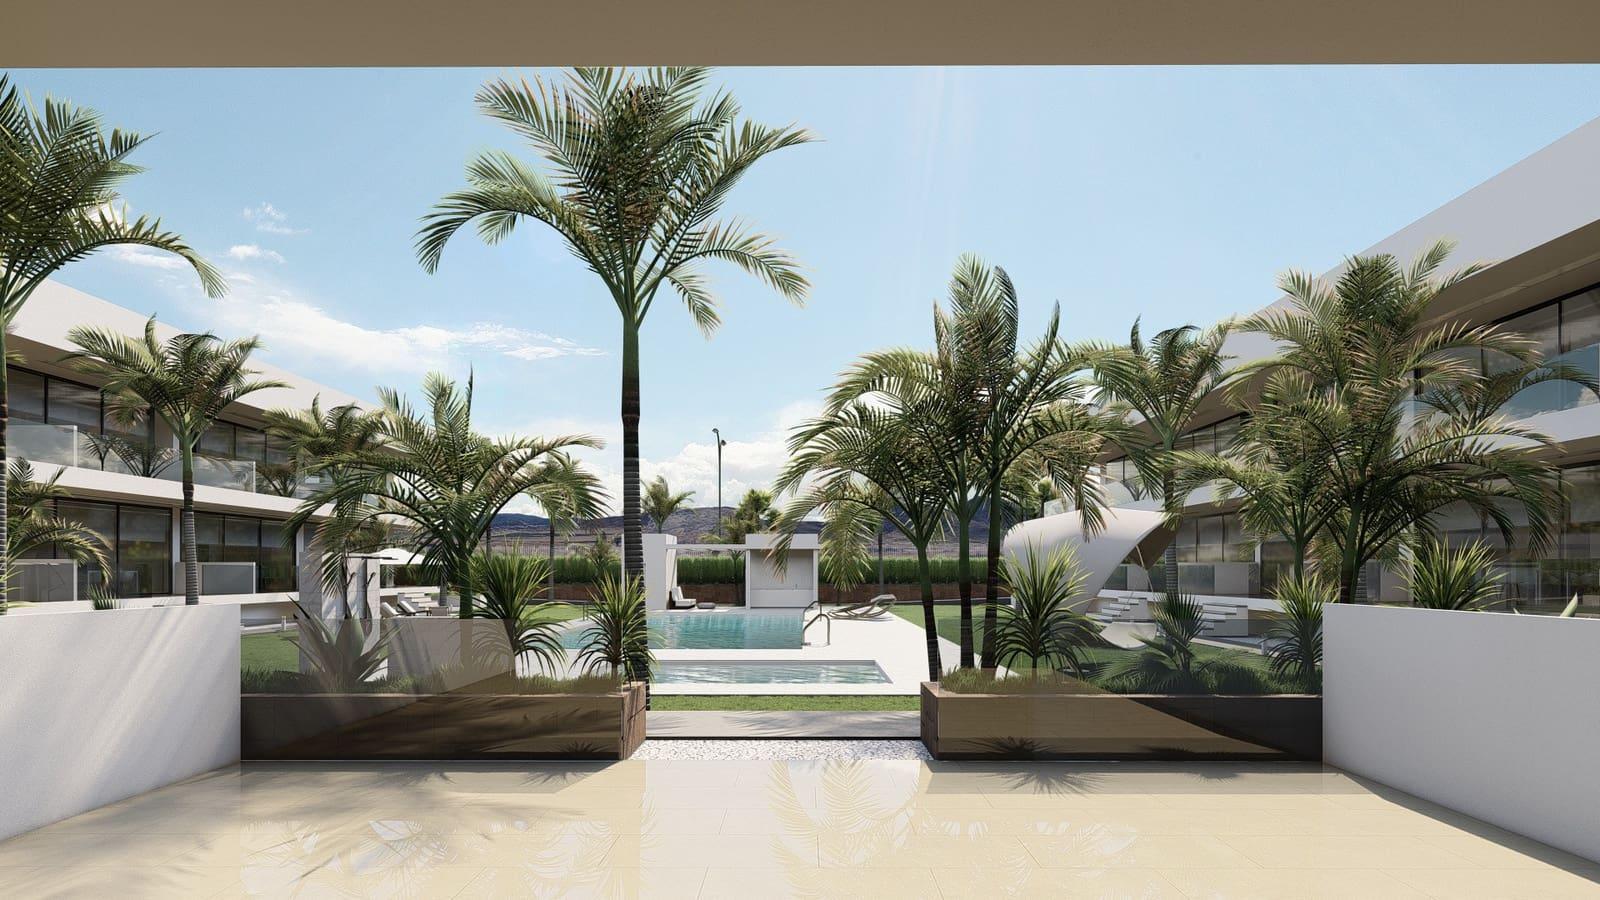 3 sovrum Takvåning till salu i Mar de Cristal med pool - 197 000 € (Ref: 5854647)